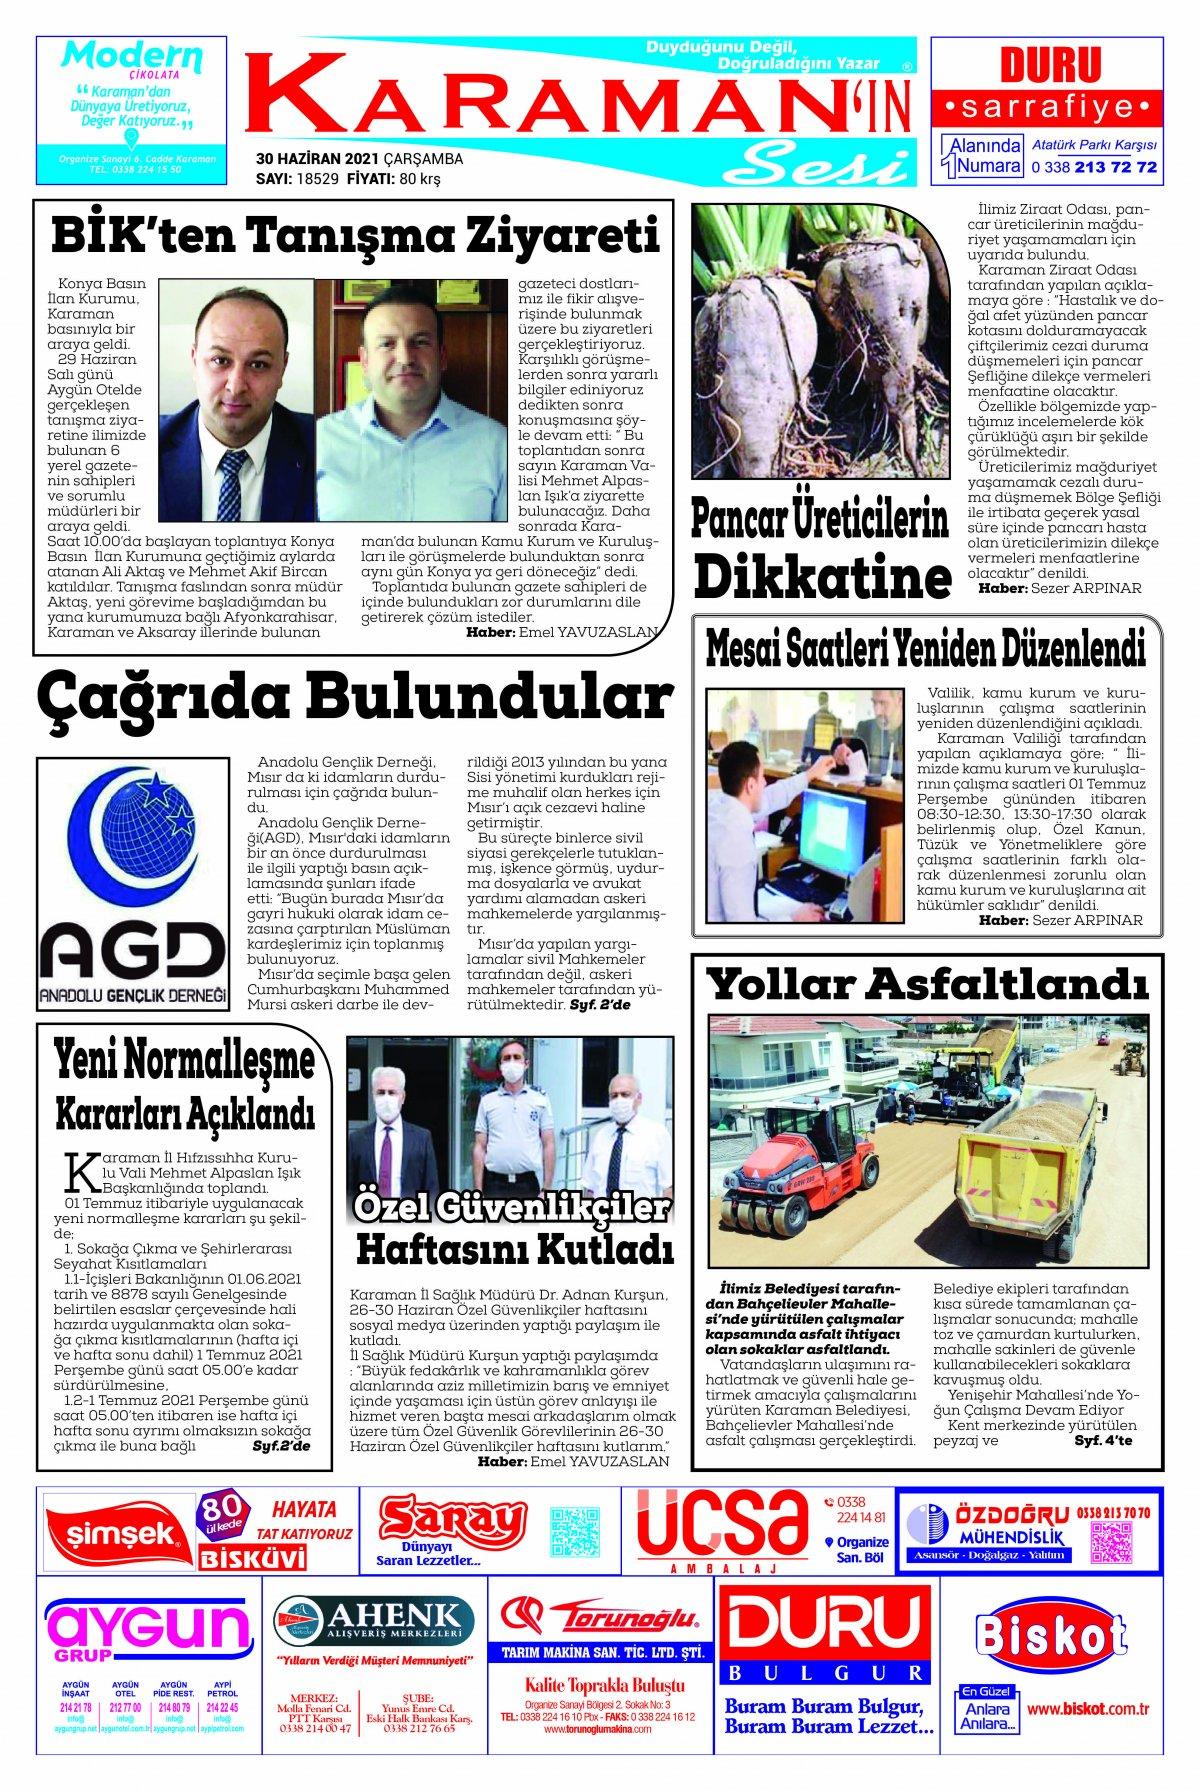 Karaman - Karaman Son Dakika Haberleri - Karaman Haber Karaman  - 30.06.2021 Manşeti